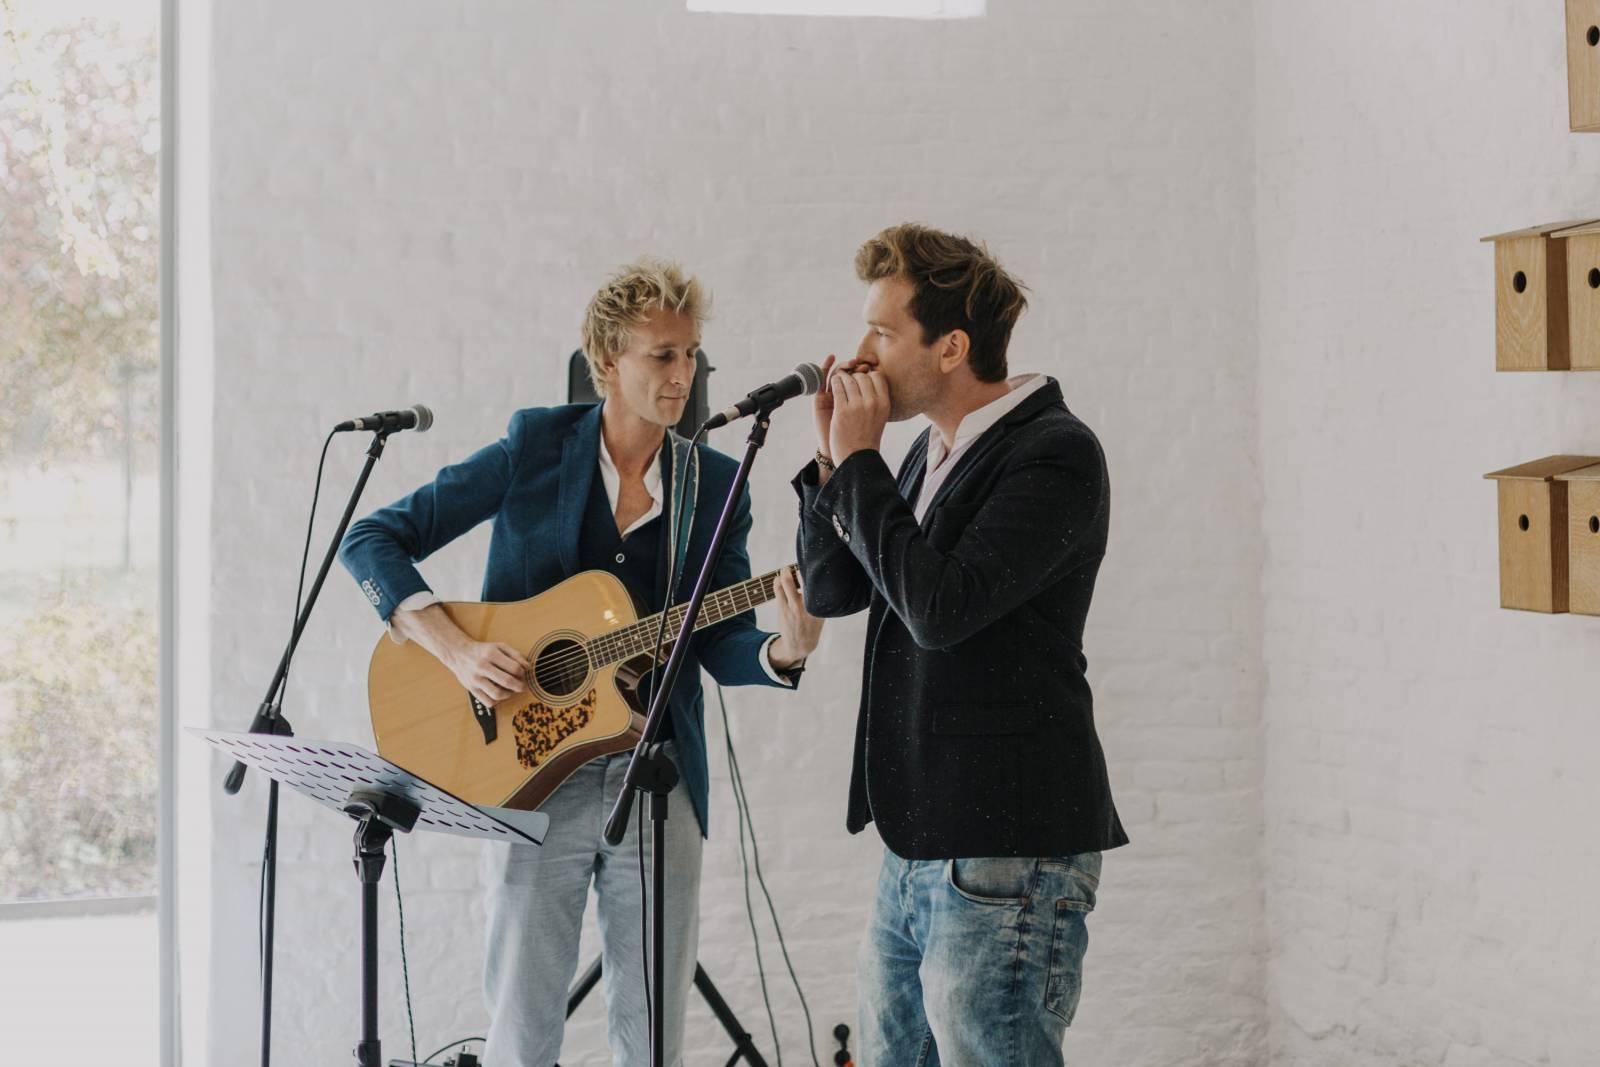 Mathieu & Guillaume artiest livemuziek zangers house of events (7)